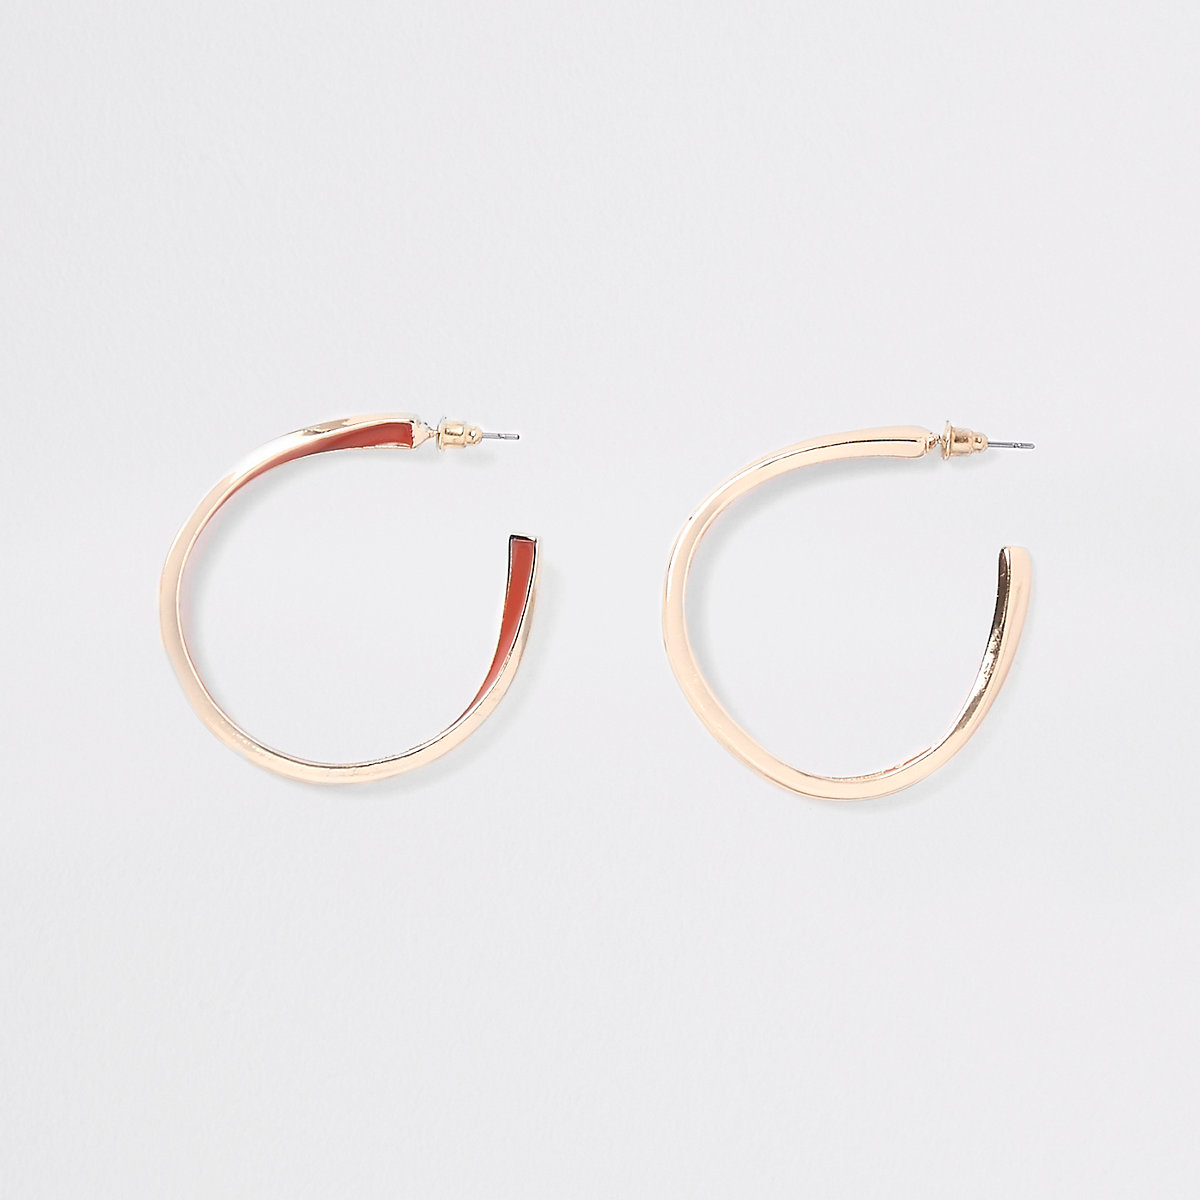 Gold tone orange enamel inlay hoop earrings